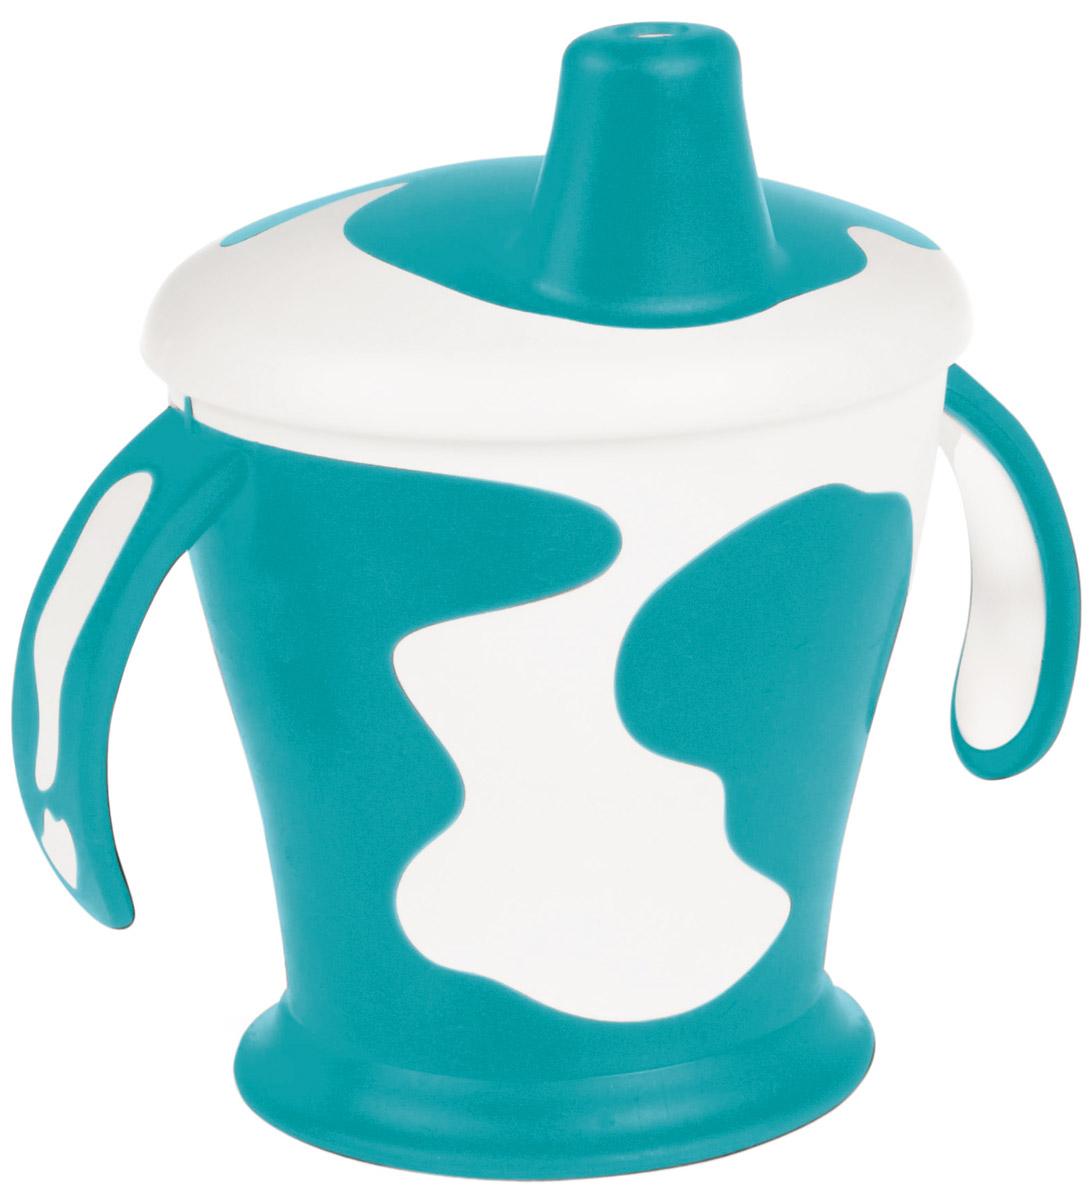 Canpol Babies Поильник-непроливайка Little Cow 250 мл цвет бирюзовый250930126Поильник-непроливайка Little Cow с носиком и ручками поможет вашему малышу незаметно перейти от кормления из бутылочки к самостоятельному питью. Поильник изготовлен из прочного материала, оснащен уникальным клапаном, который разработан таким образом, чтобы ребенок мог пить самостоятельно, не проливая при этом содержимое. Нескользящее дно предотвращает случайные движения поильника по поверхности. Поильник оснащен закрывающейся крышкой с безопасным носиком. Оригинальный яркий и контрастный узор вызовет интерес у малыша.